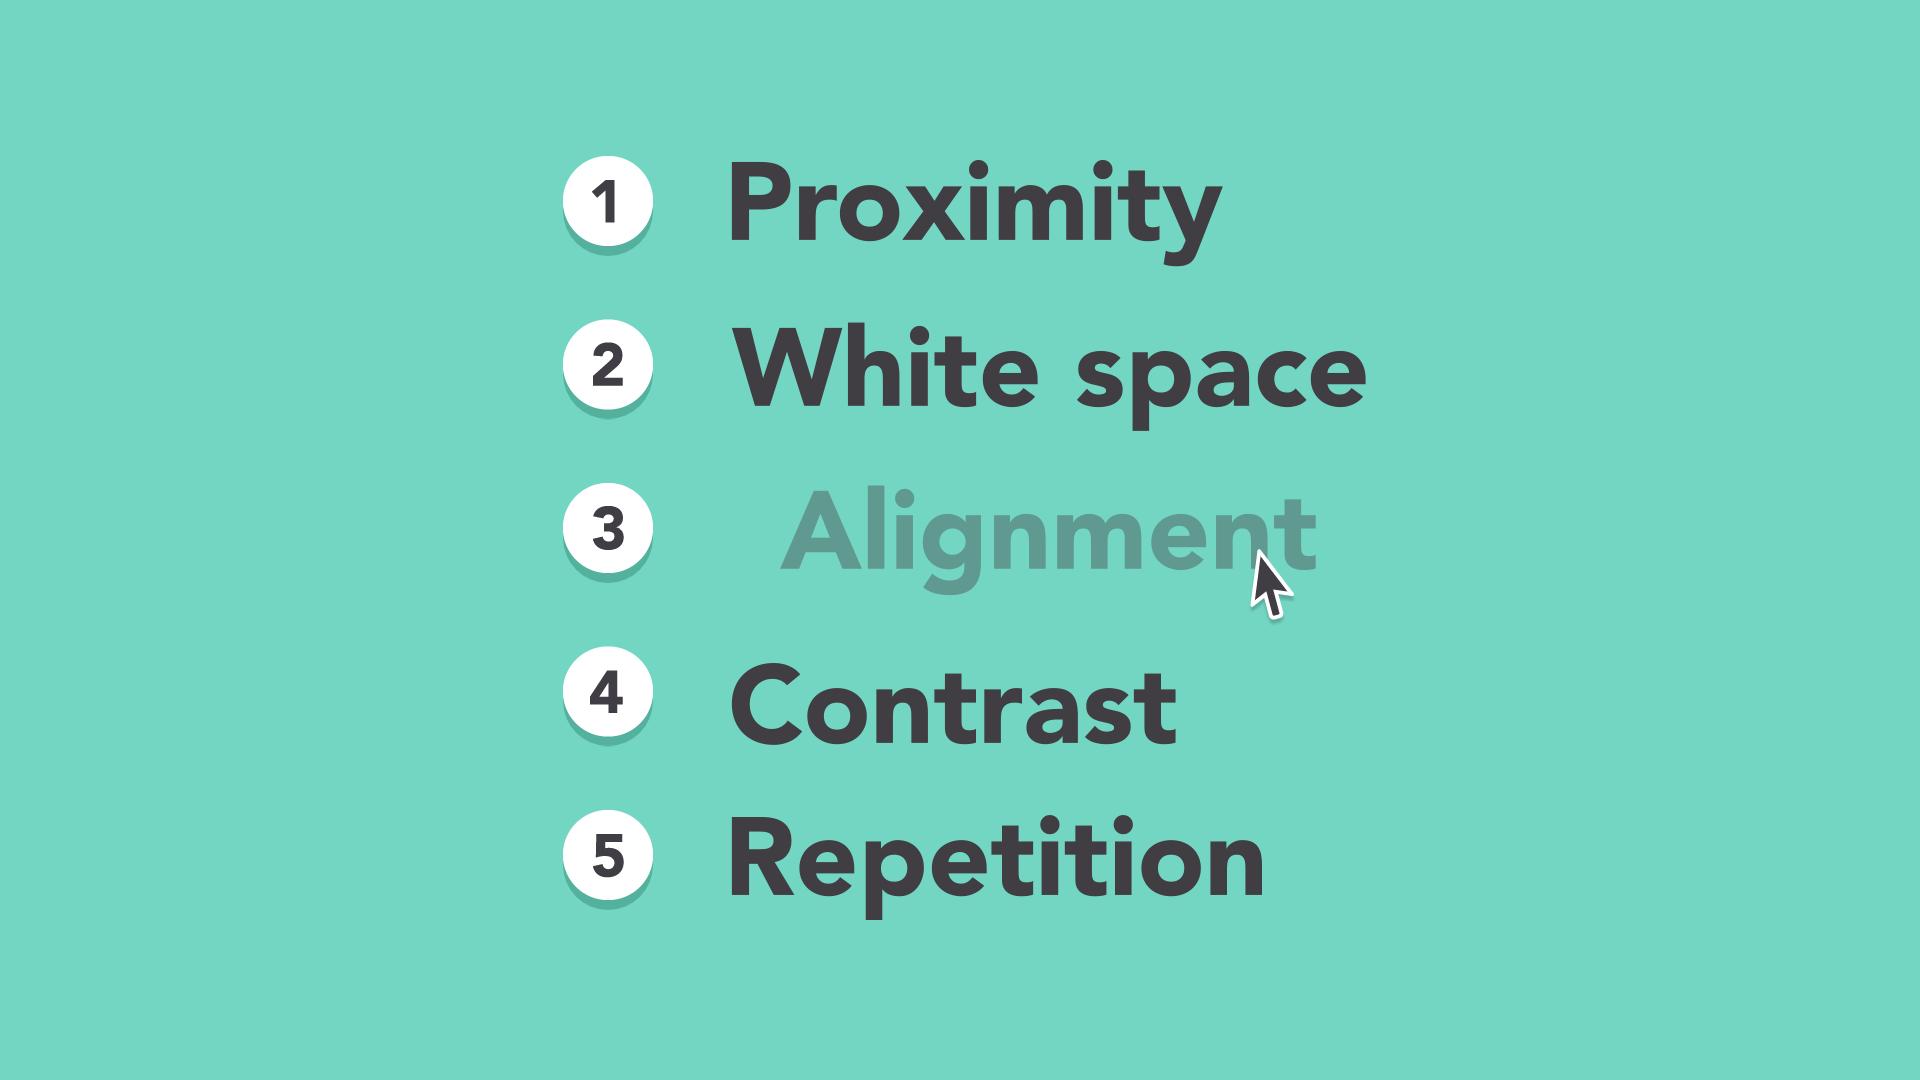 La composición, proximidad, espacio en blanco, alineación, contraste, repetición